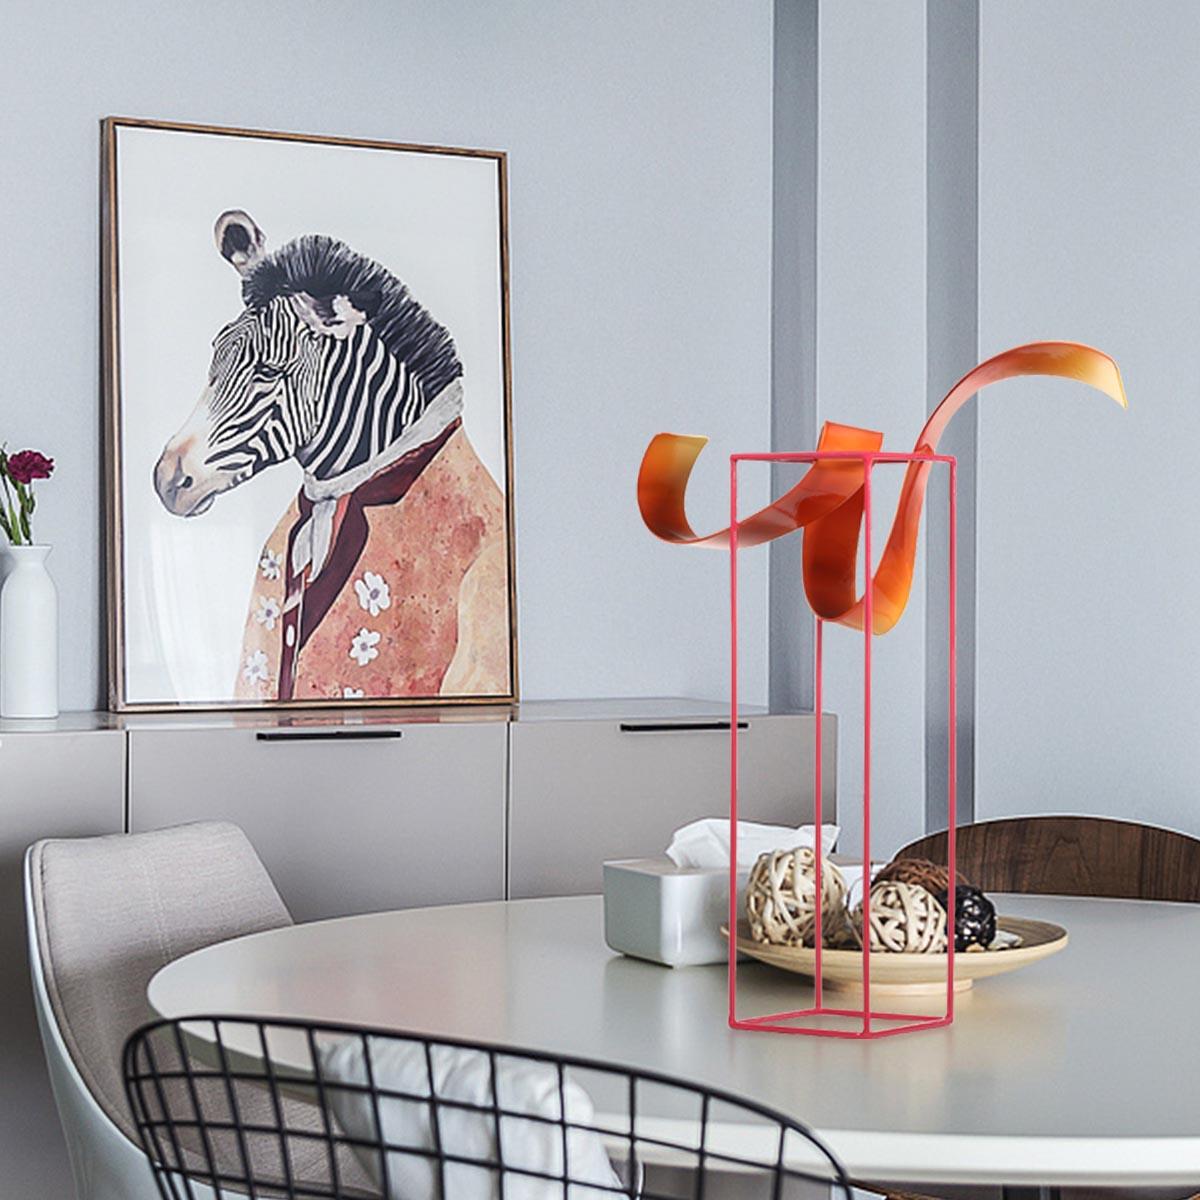 Bud Freistehende Skulptur Abstrakte Indoor / Outdoor Moderne Metall  Skulptur Tisch U0026 Schreibtisch Dekor Zeitgenössische Herzstück